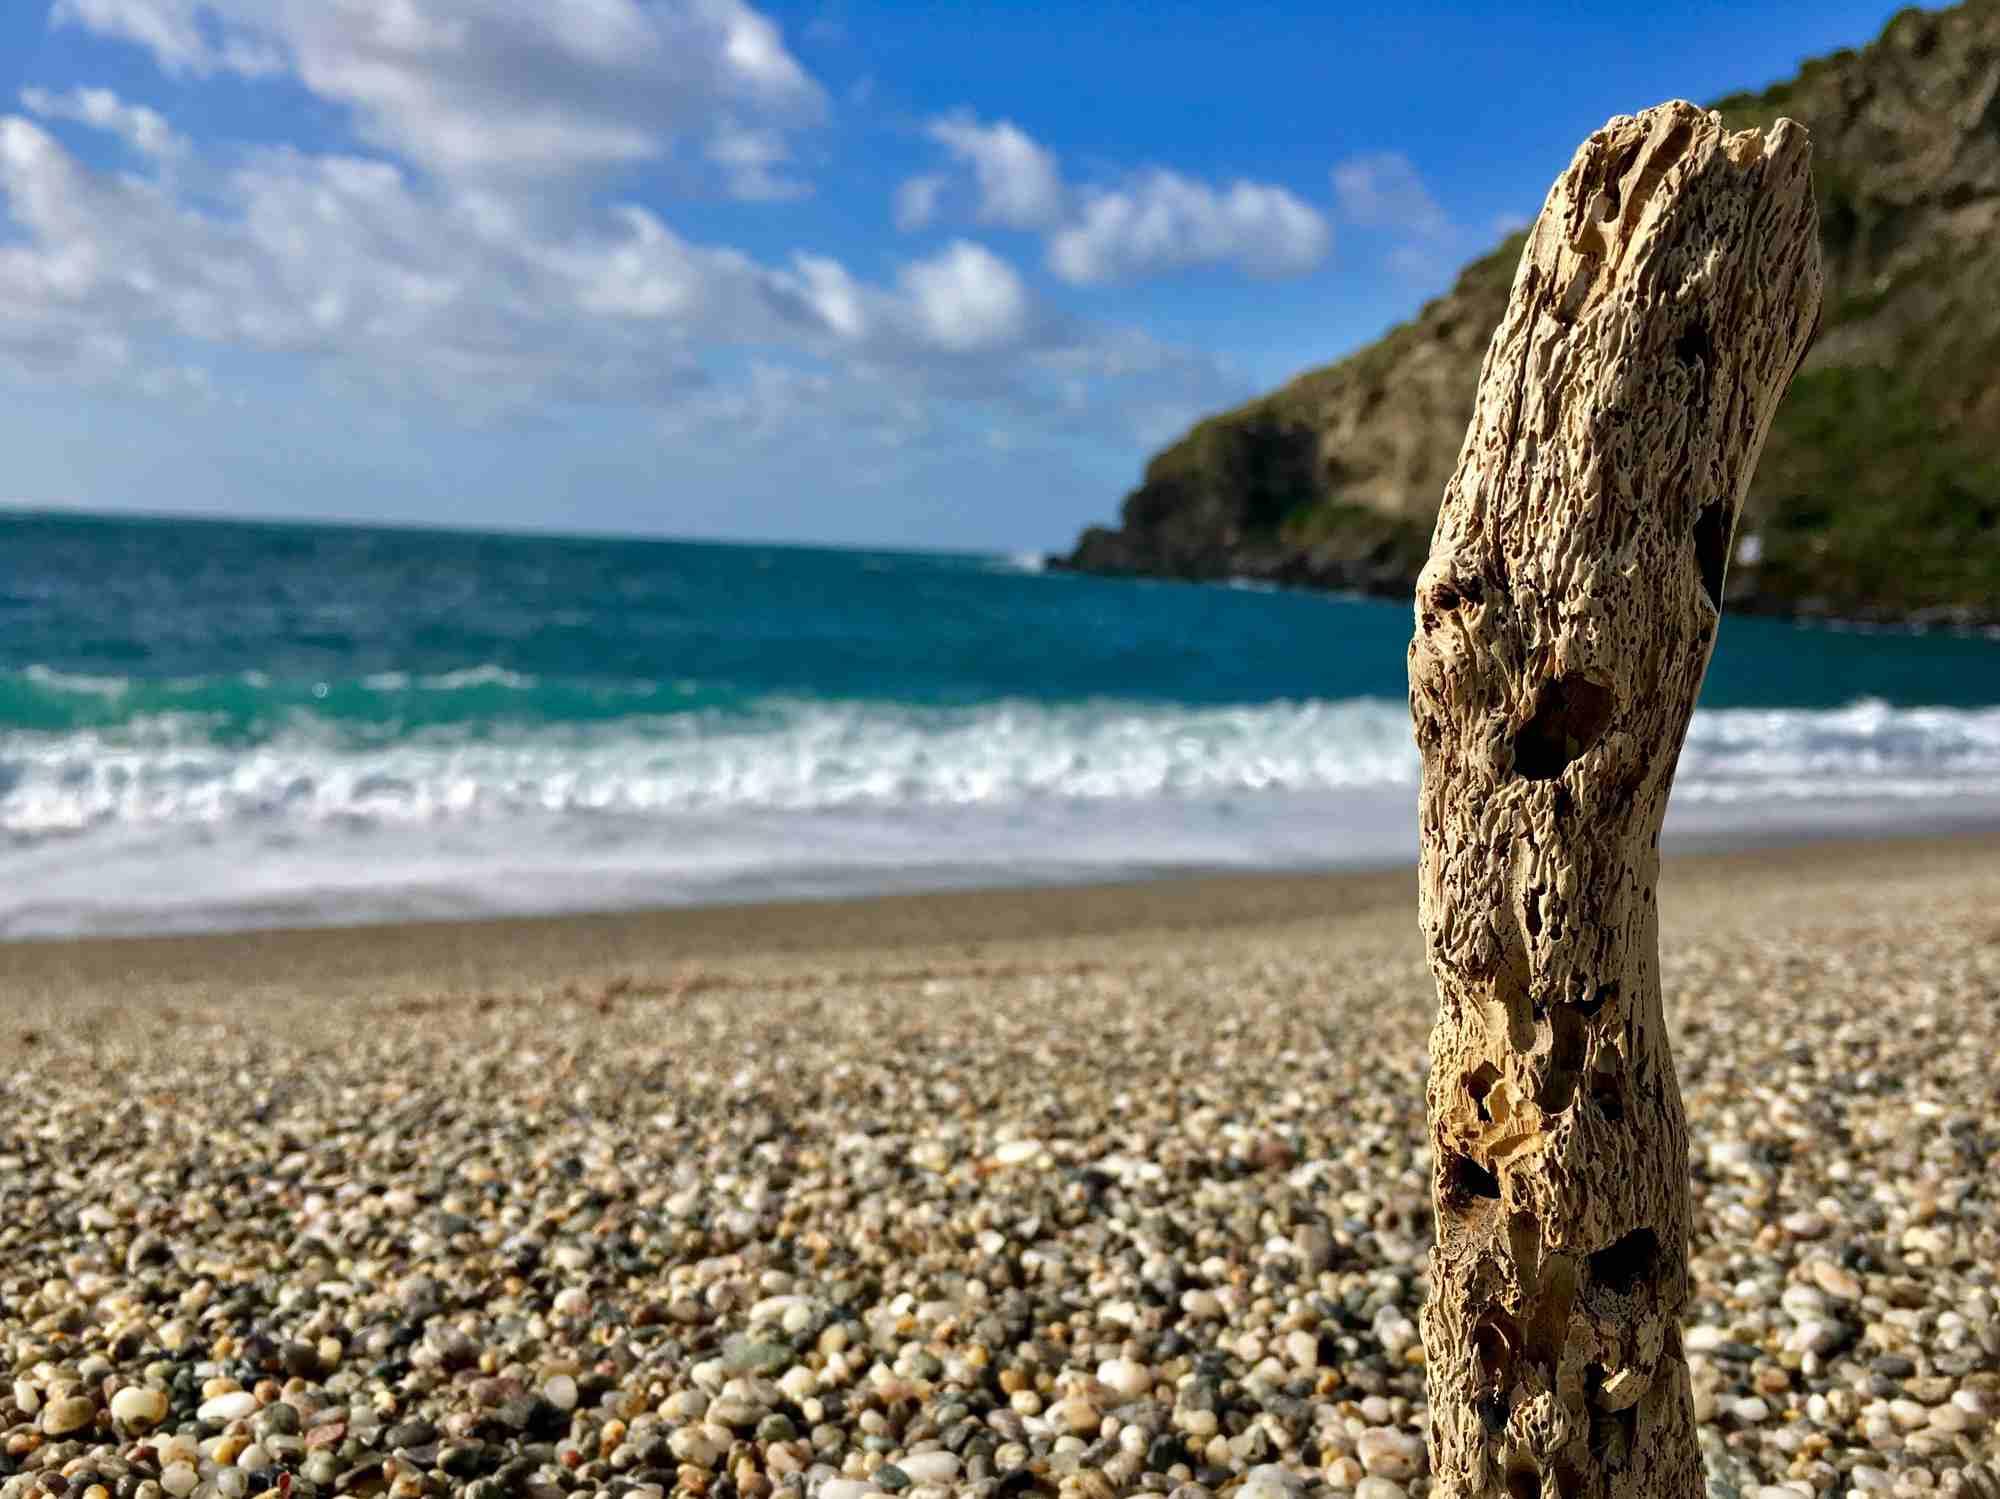 Milazzo pebble beach